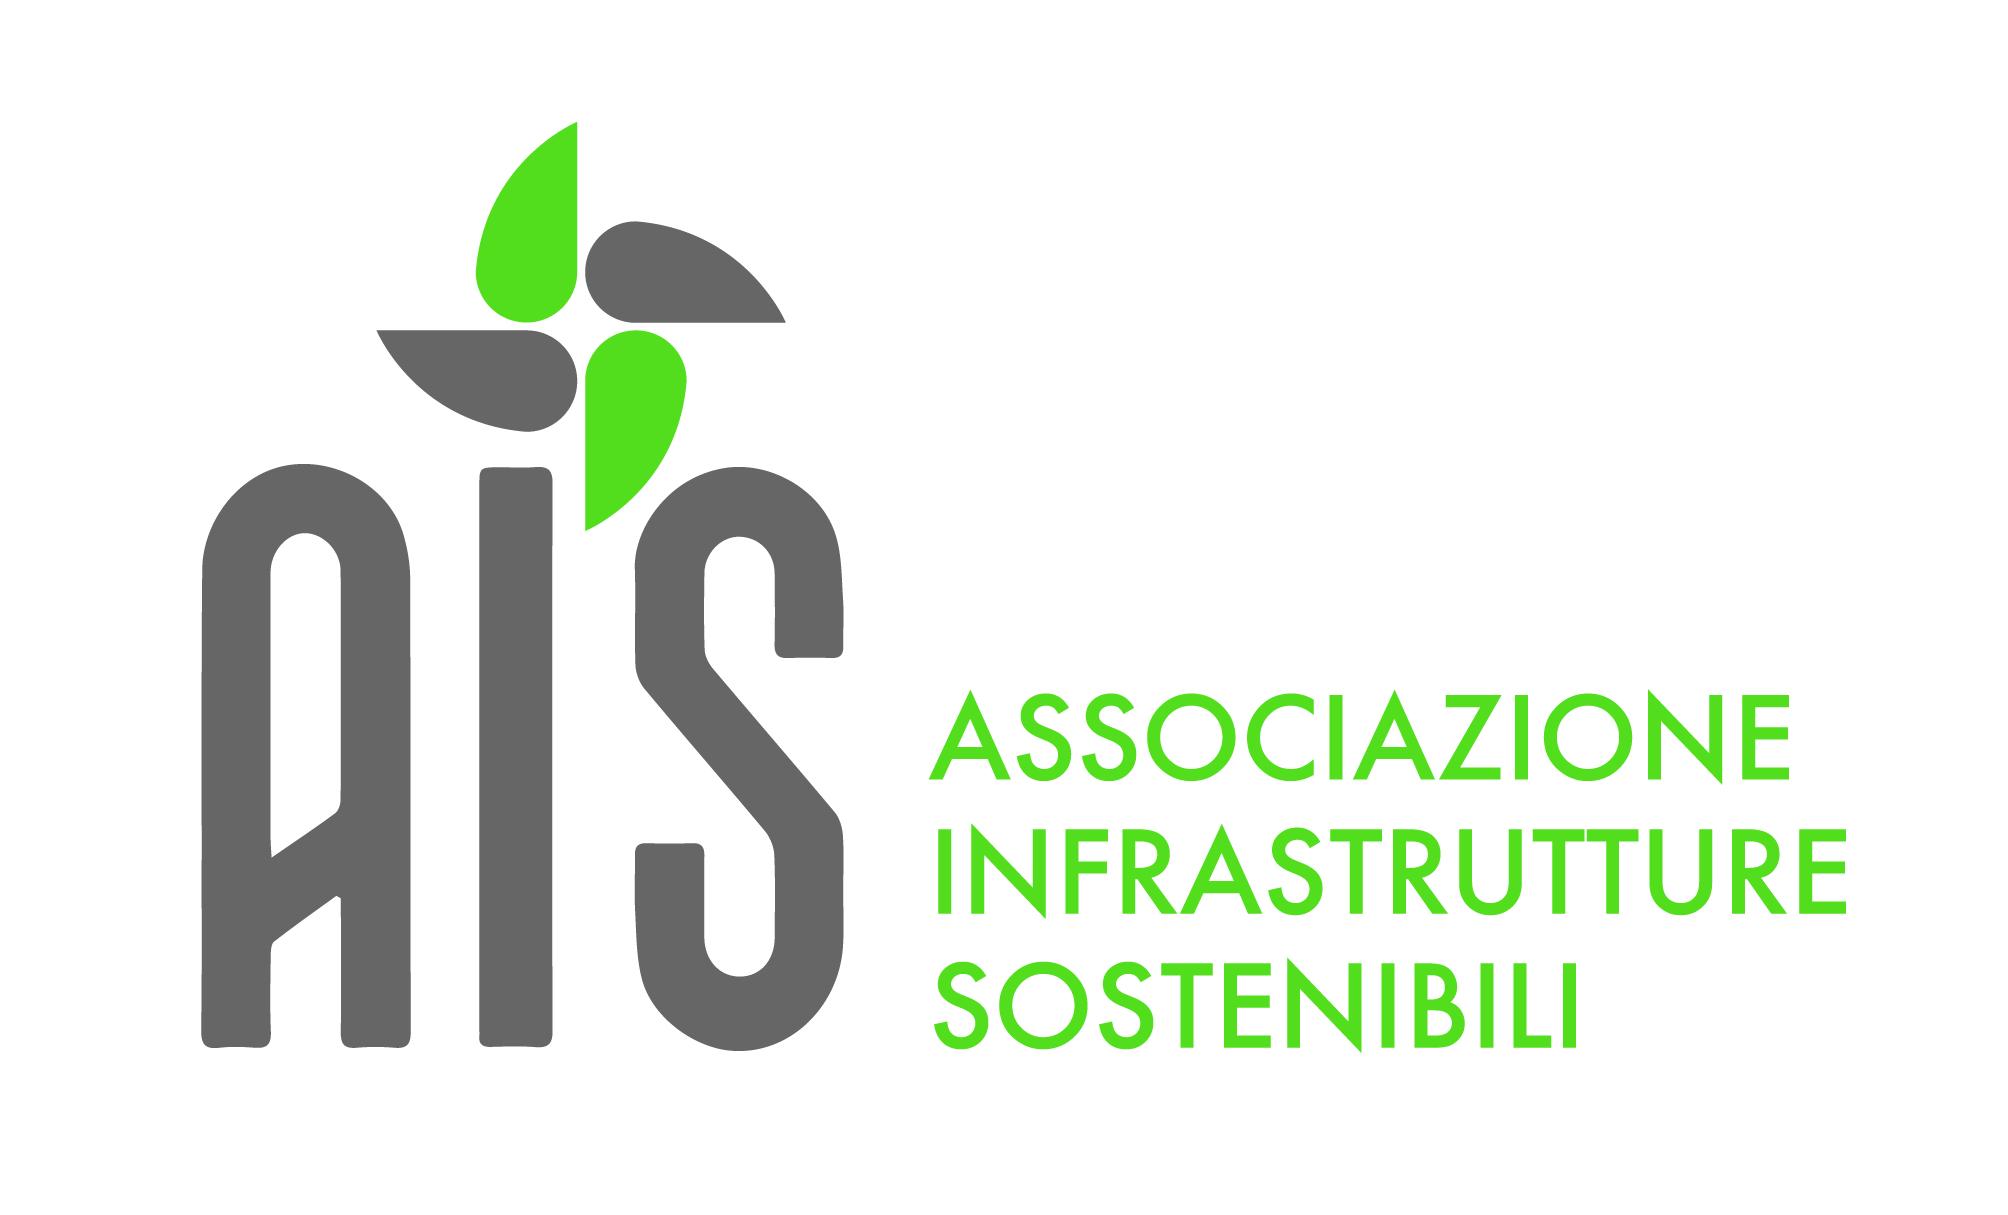 Dal Tessuto Economico E Imprenditoriale Italiano Nasce Infrastrutture Sostenibili